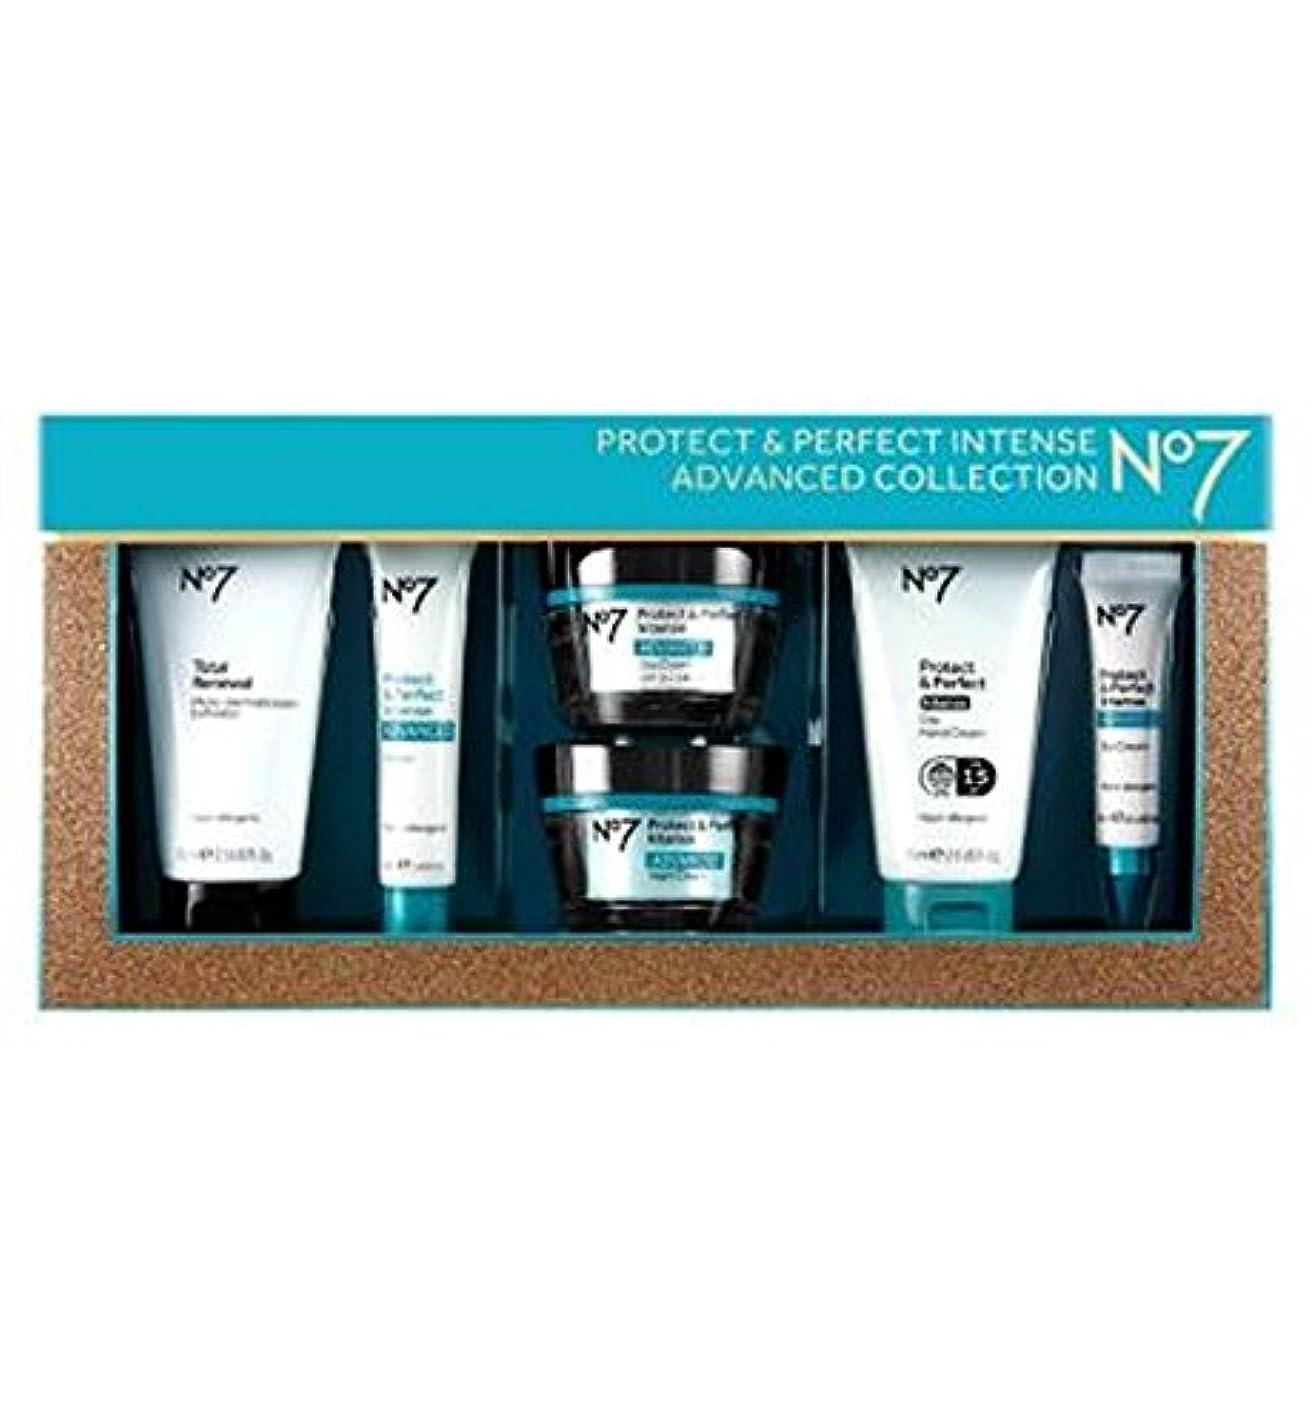 一般地下鉄成功するNo7保護&完璧な強烈な高度なコレクション (No7) (x2) - No7 Protect & Perfect Intense ADVANCED Collection (Pack of 2) [並行輸入品]